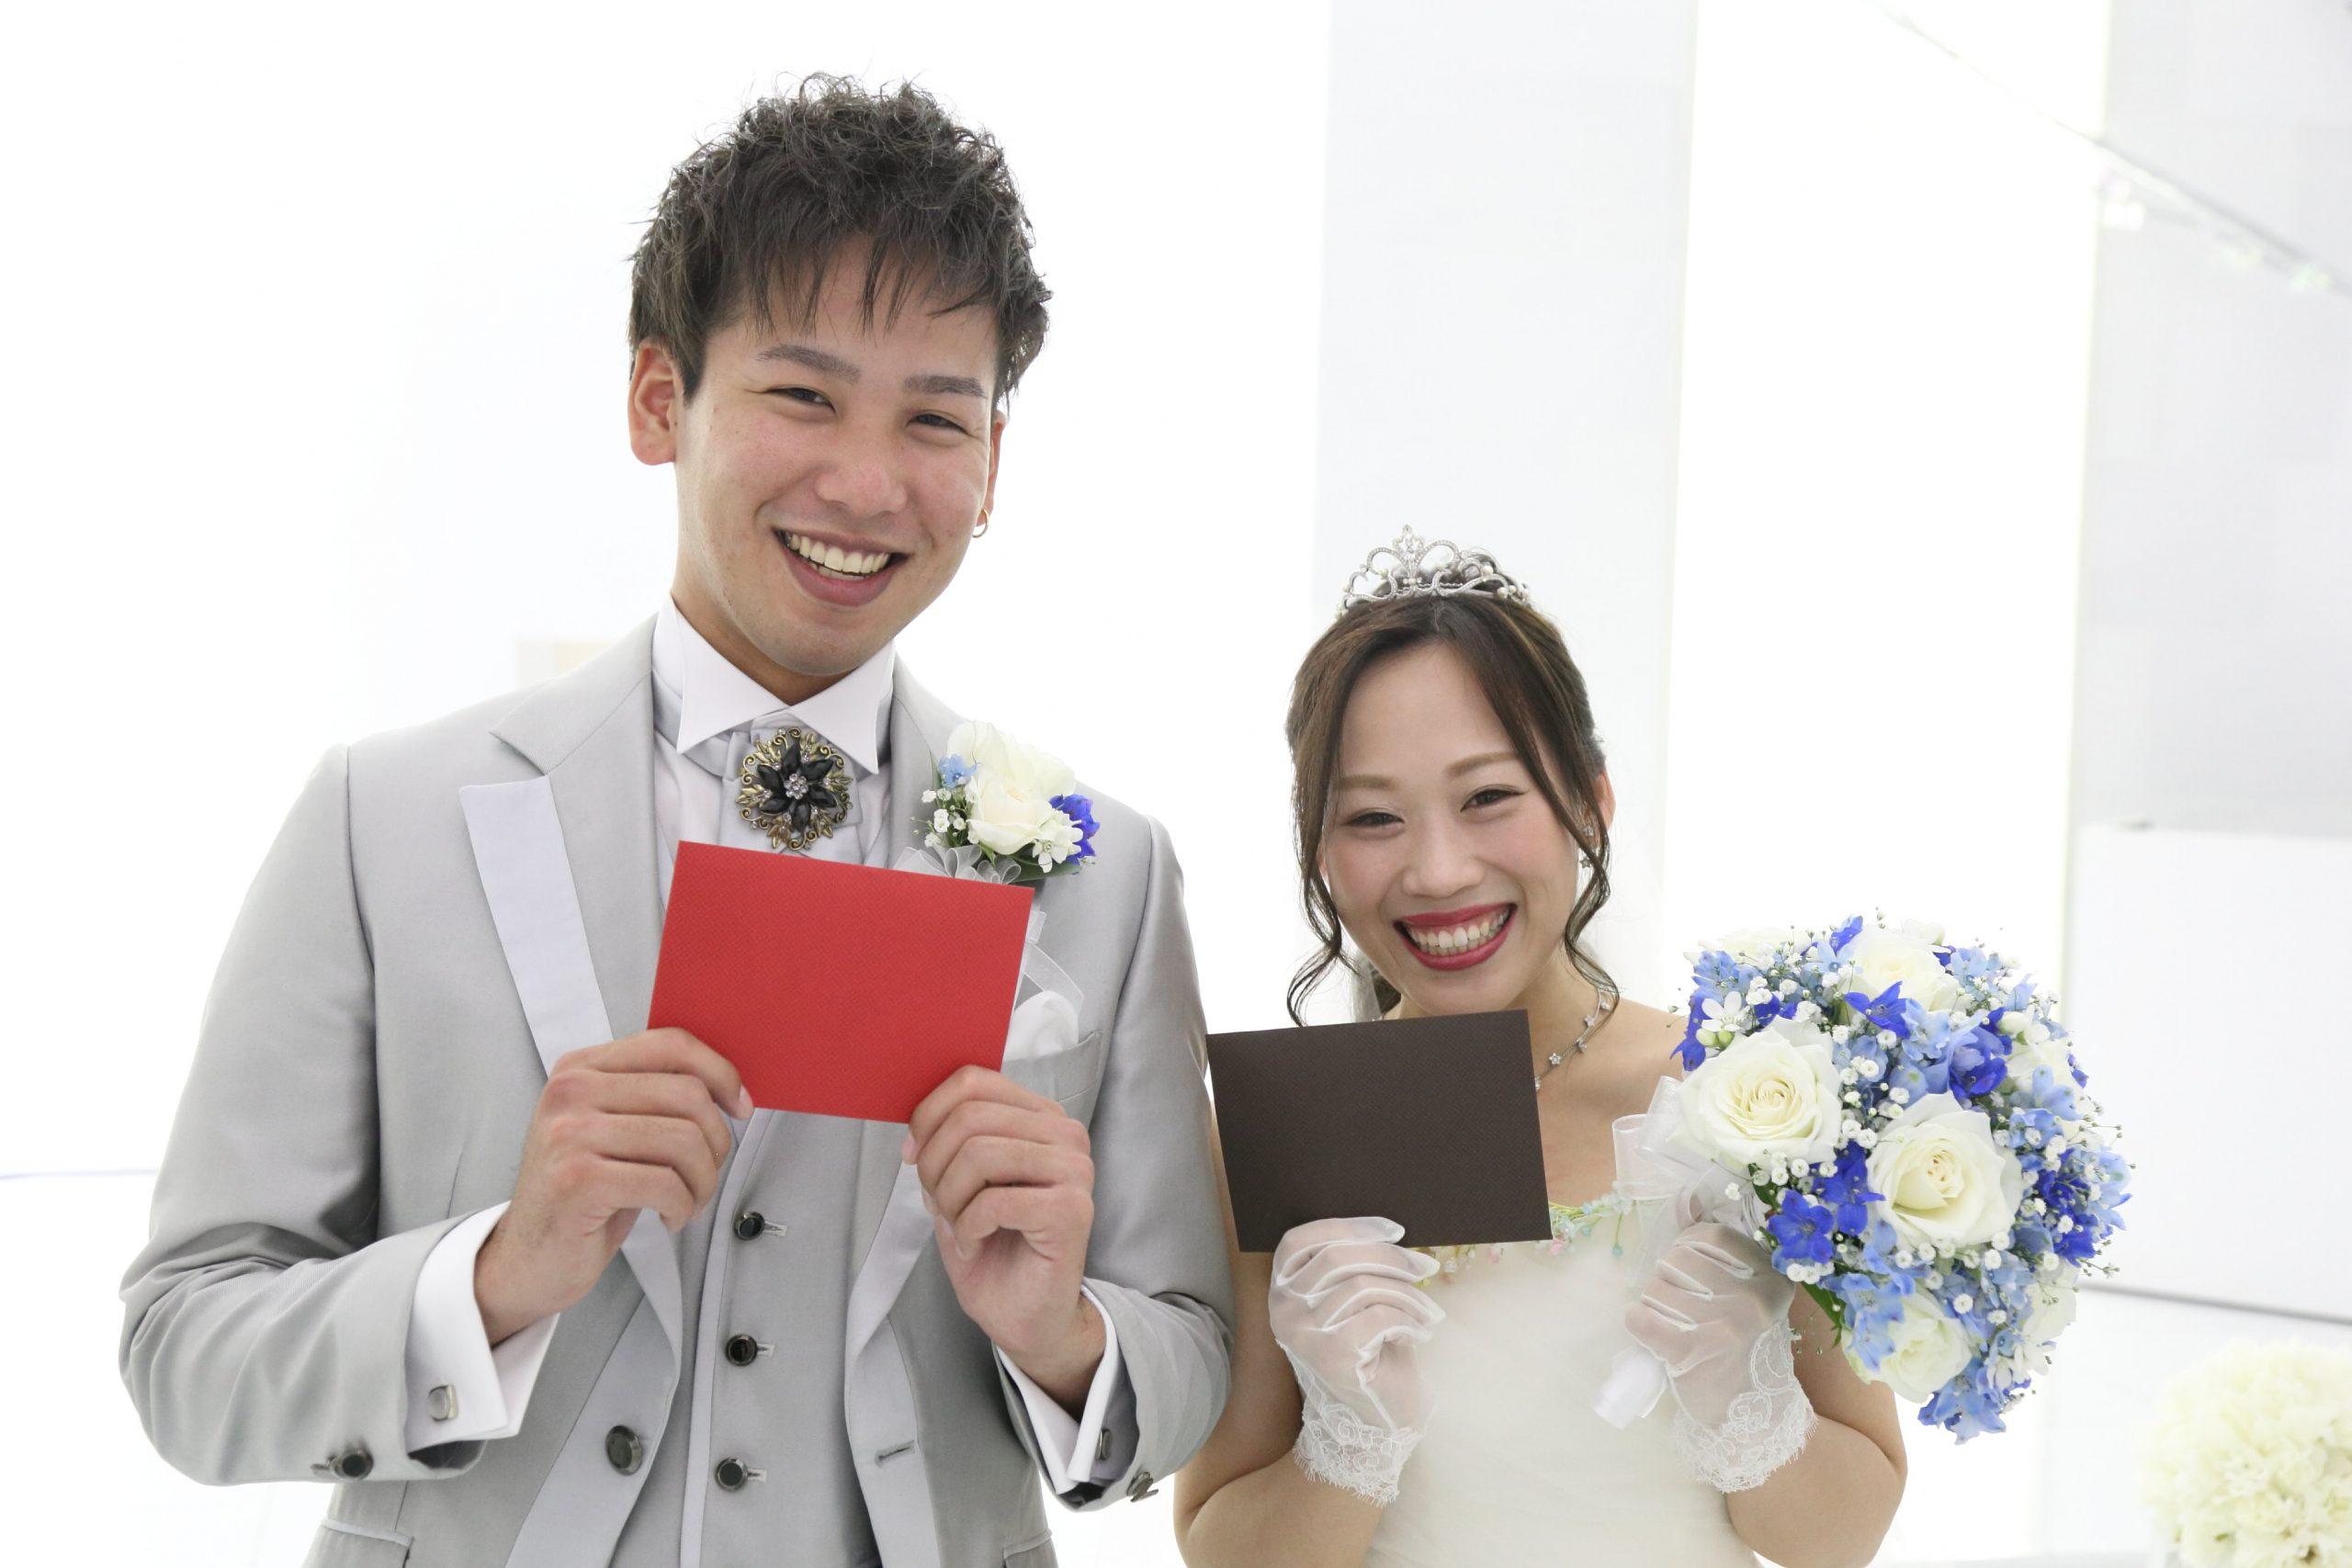 【想いが繋がる】WEDDING